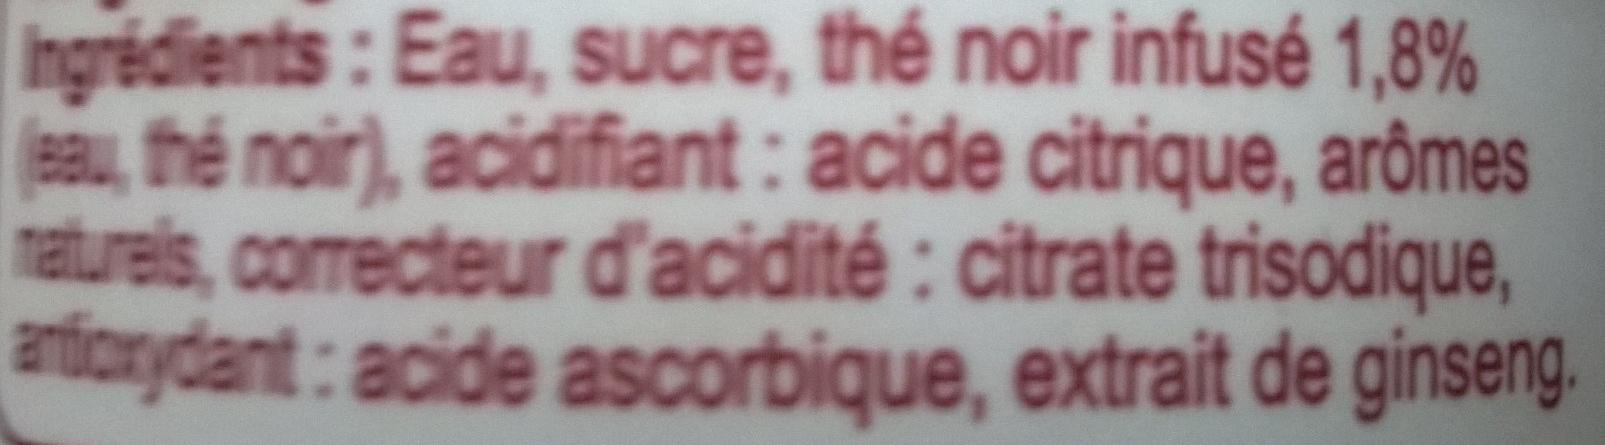 the noir acidifiant